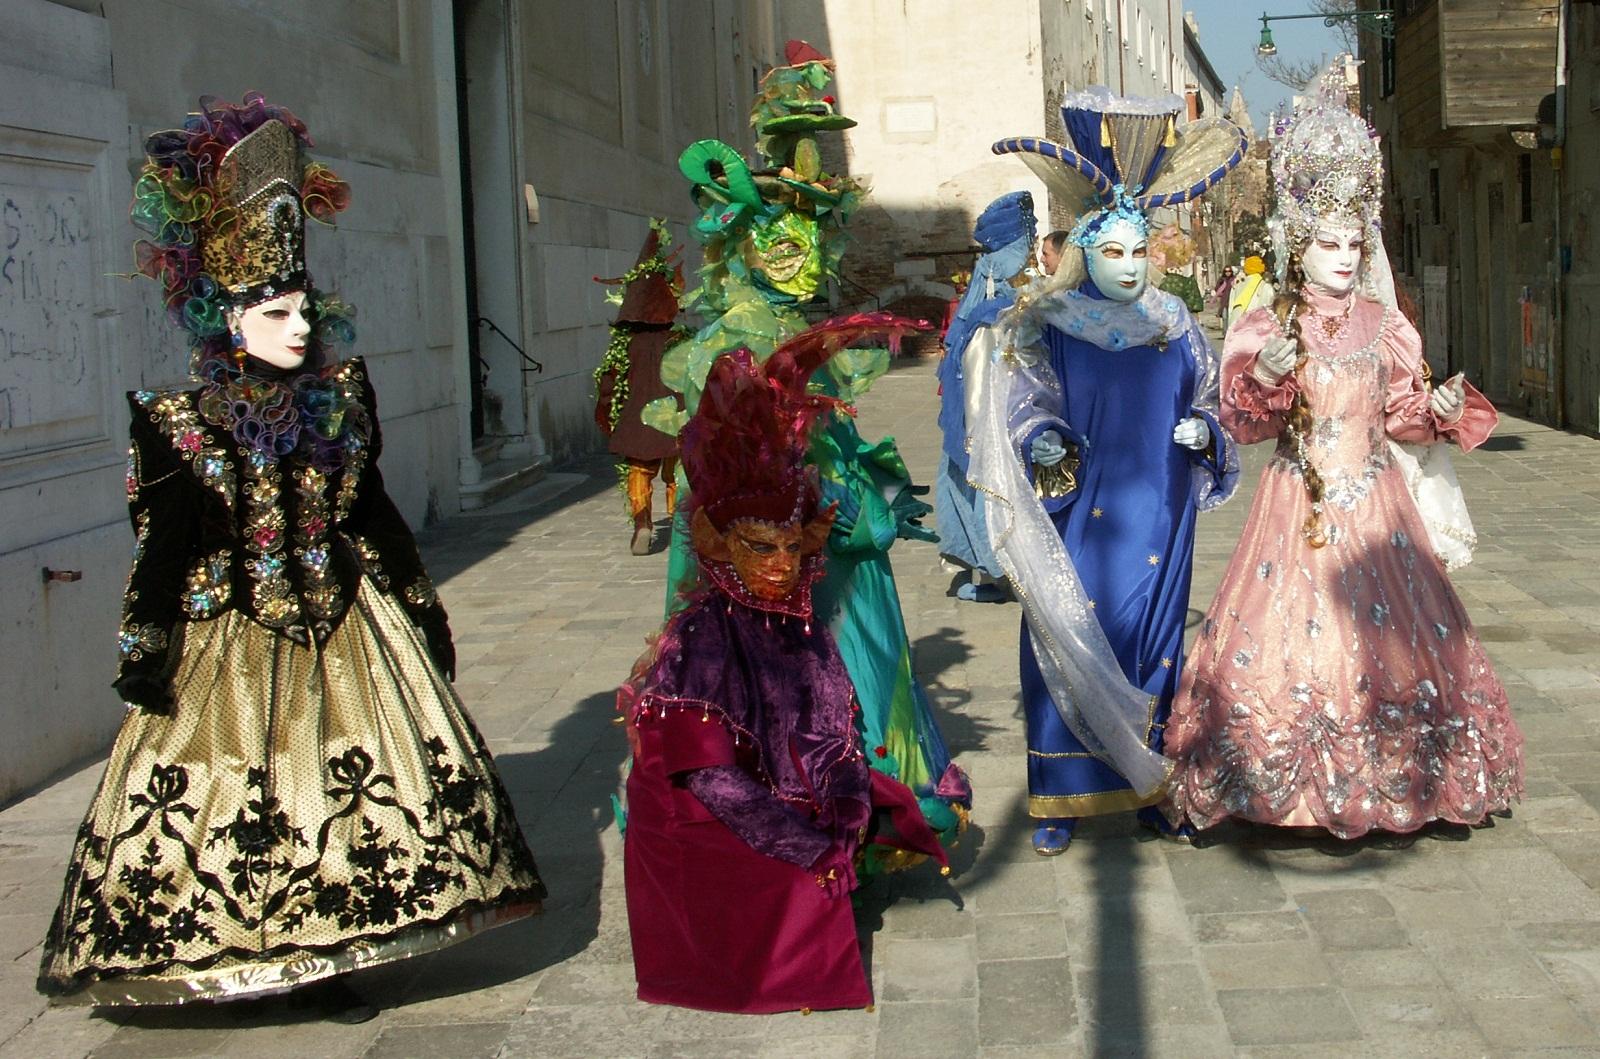 Carnival in Venice, Venice, Italy, Masks 06